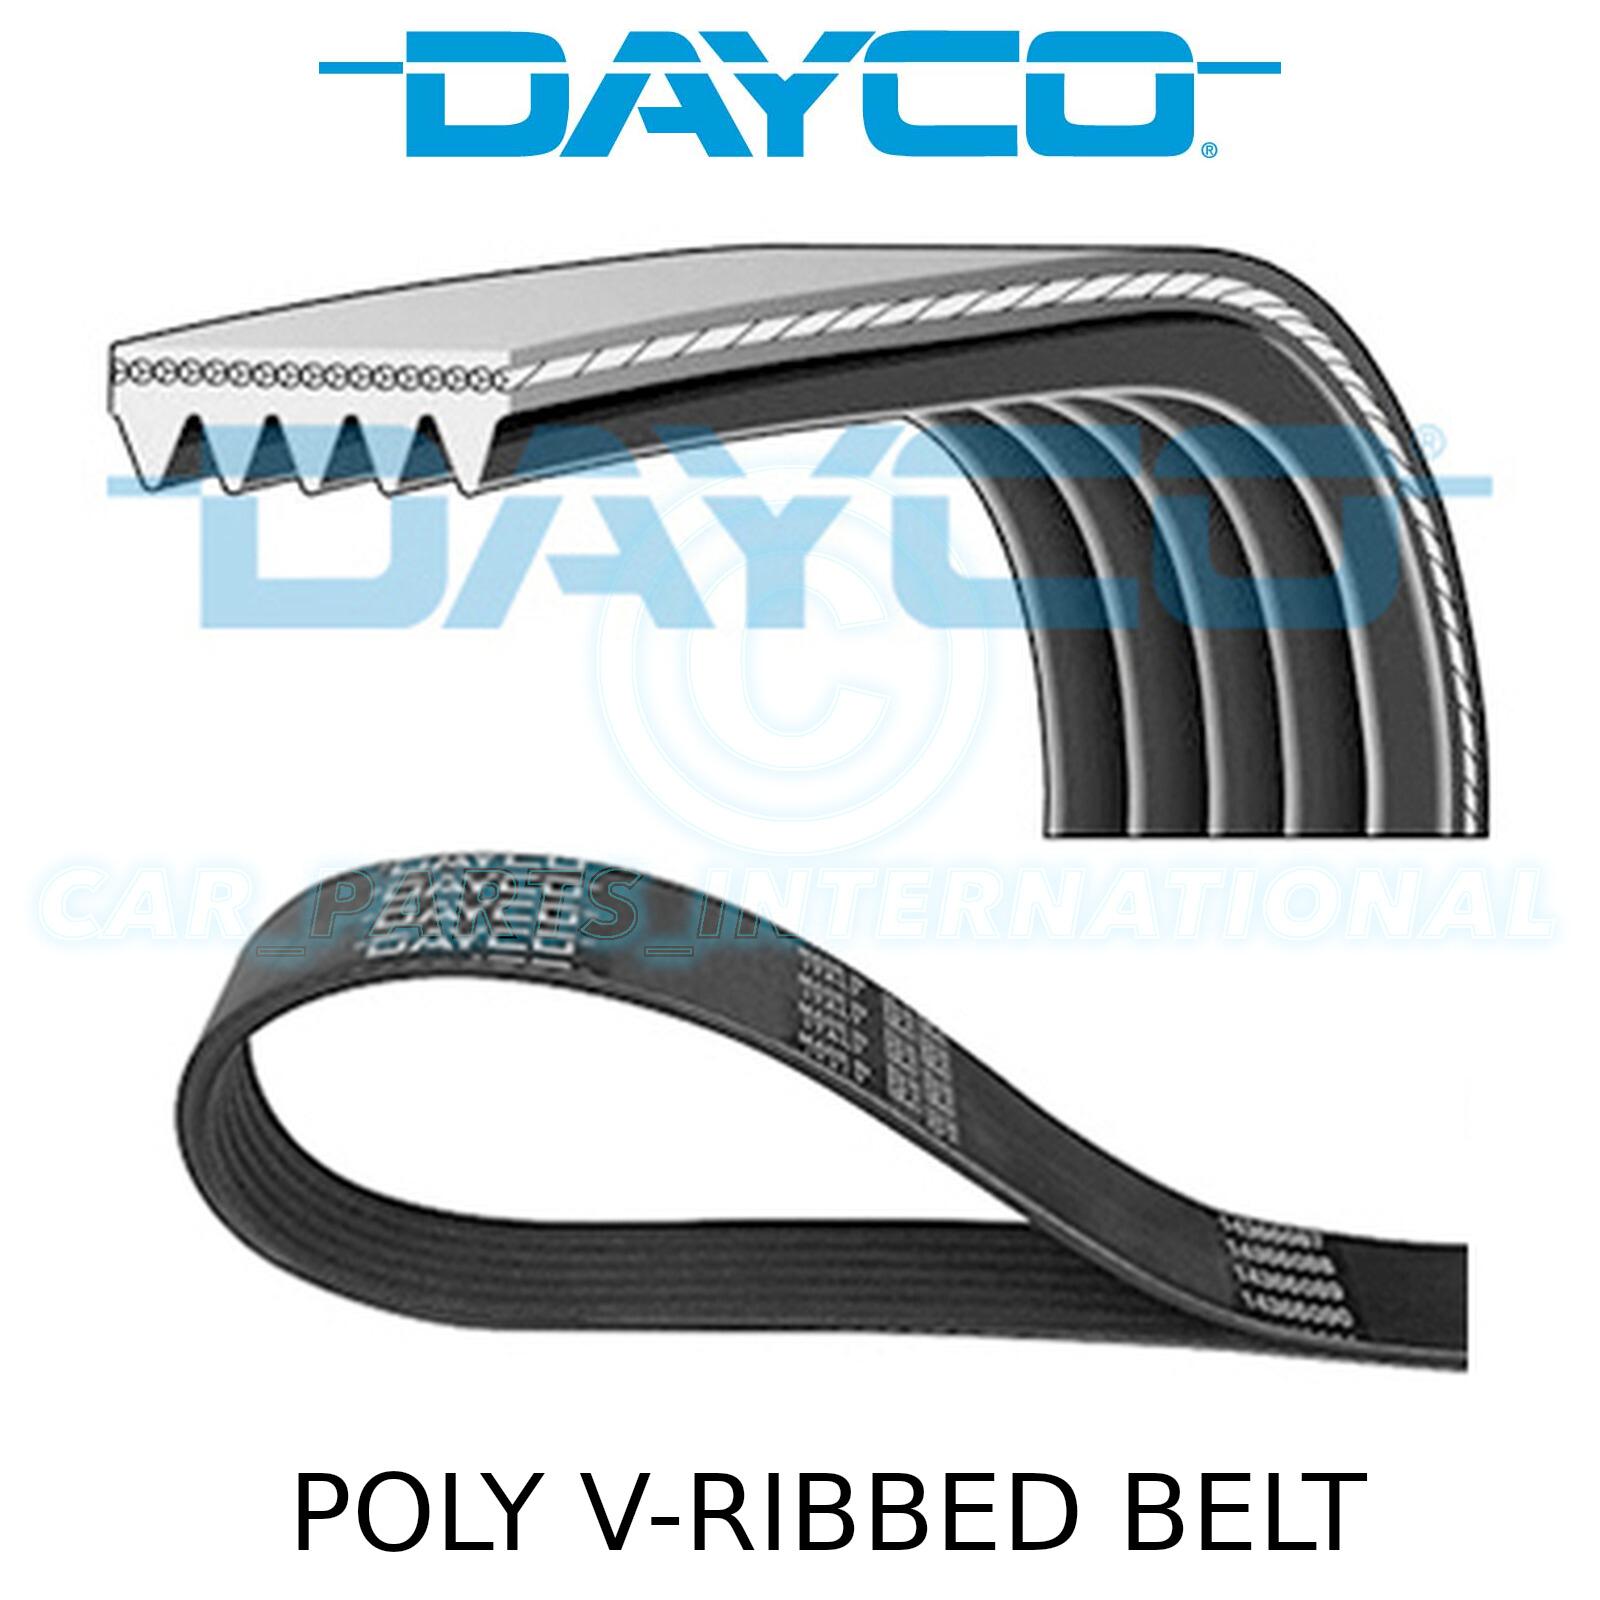 DAYCO poly-v courroie côtelé 4 côtes 850mm 4pk850 Auxiliaire Alternateur Ventilateur